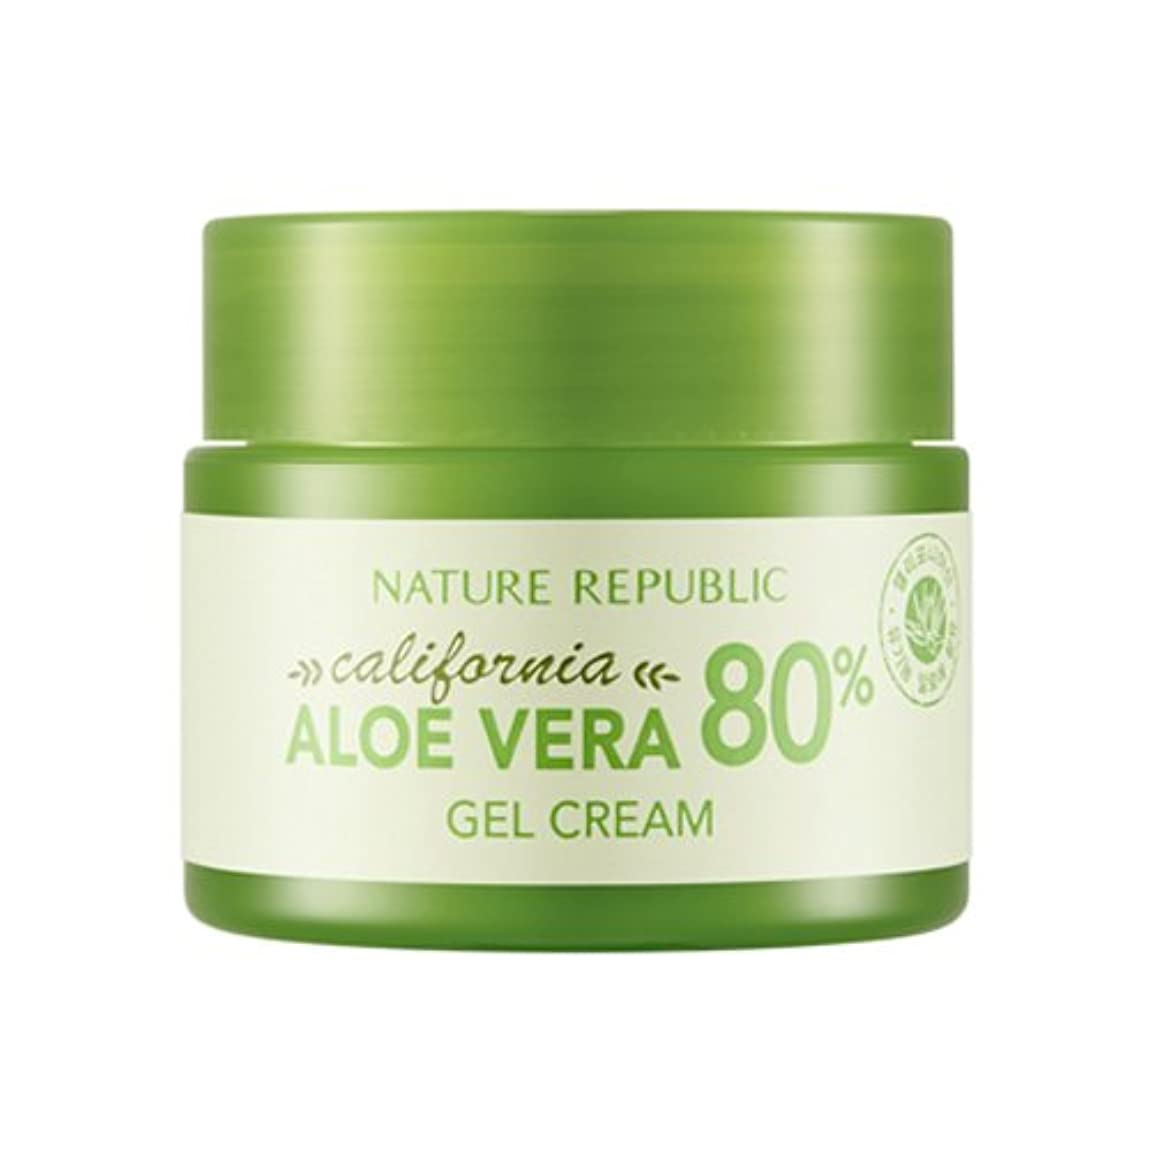 要件燃料位置する[ネイチャーリパブリック] Nature Republic カリフォルニアアロエベラ80%のゲルクリーム California Aloe Vera 80% Gel Cream [並行輸入品]